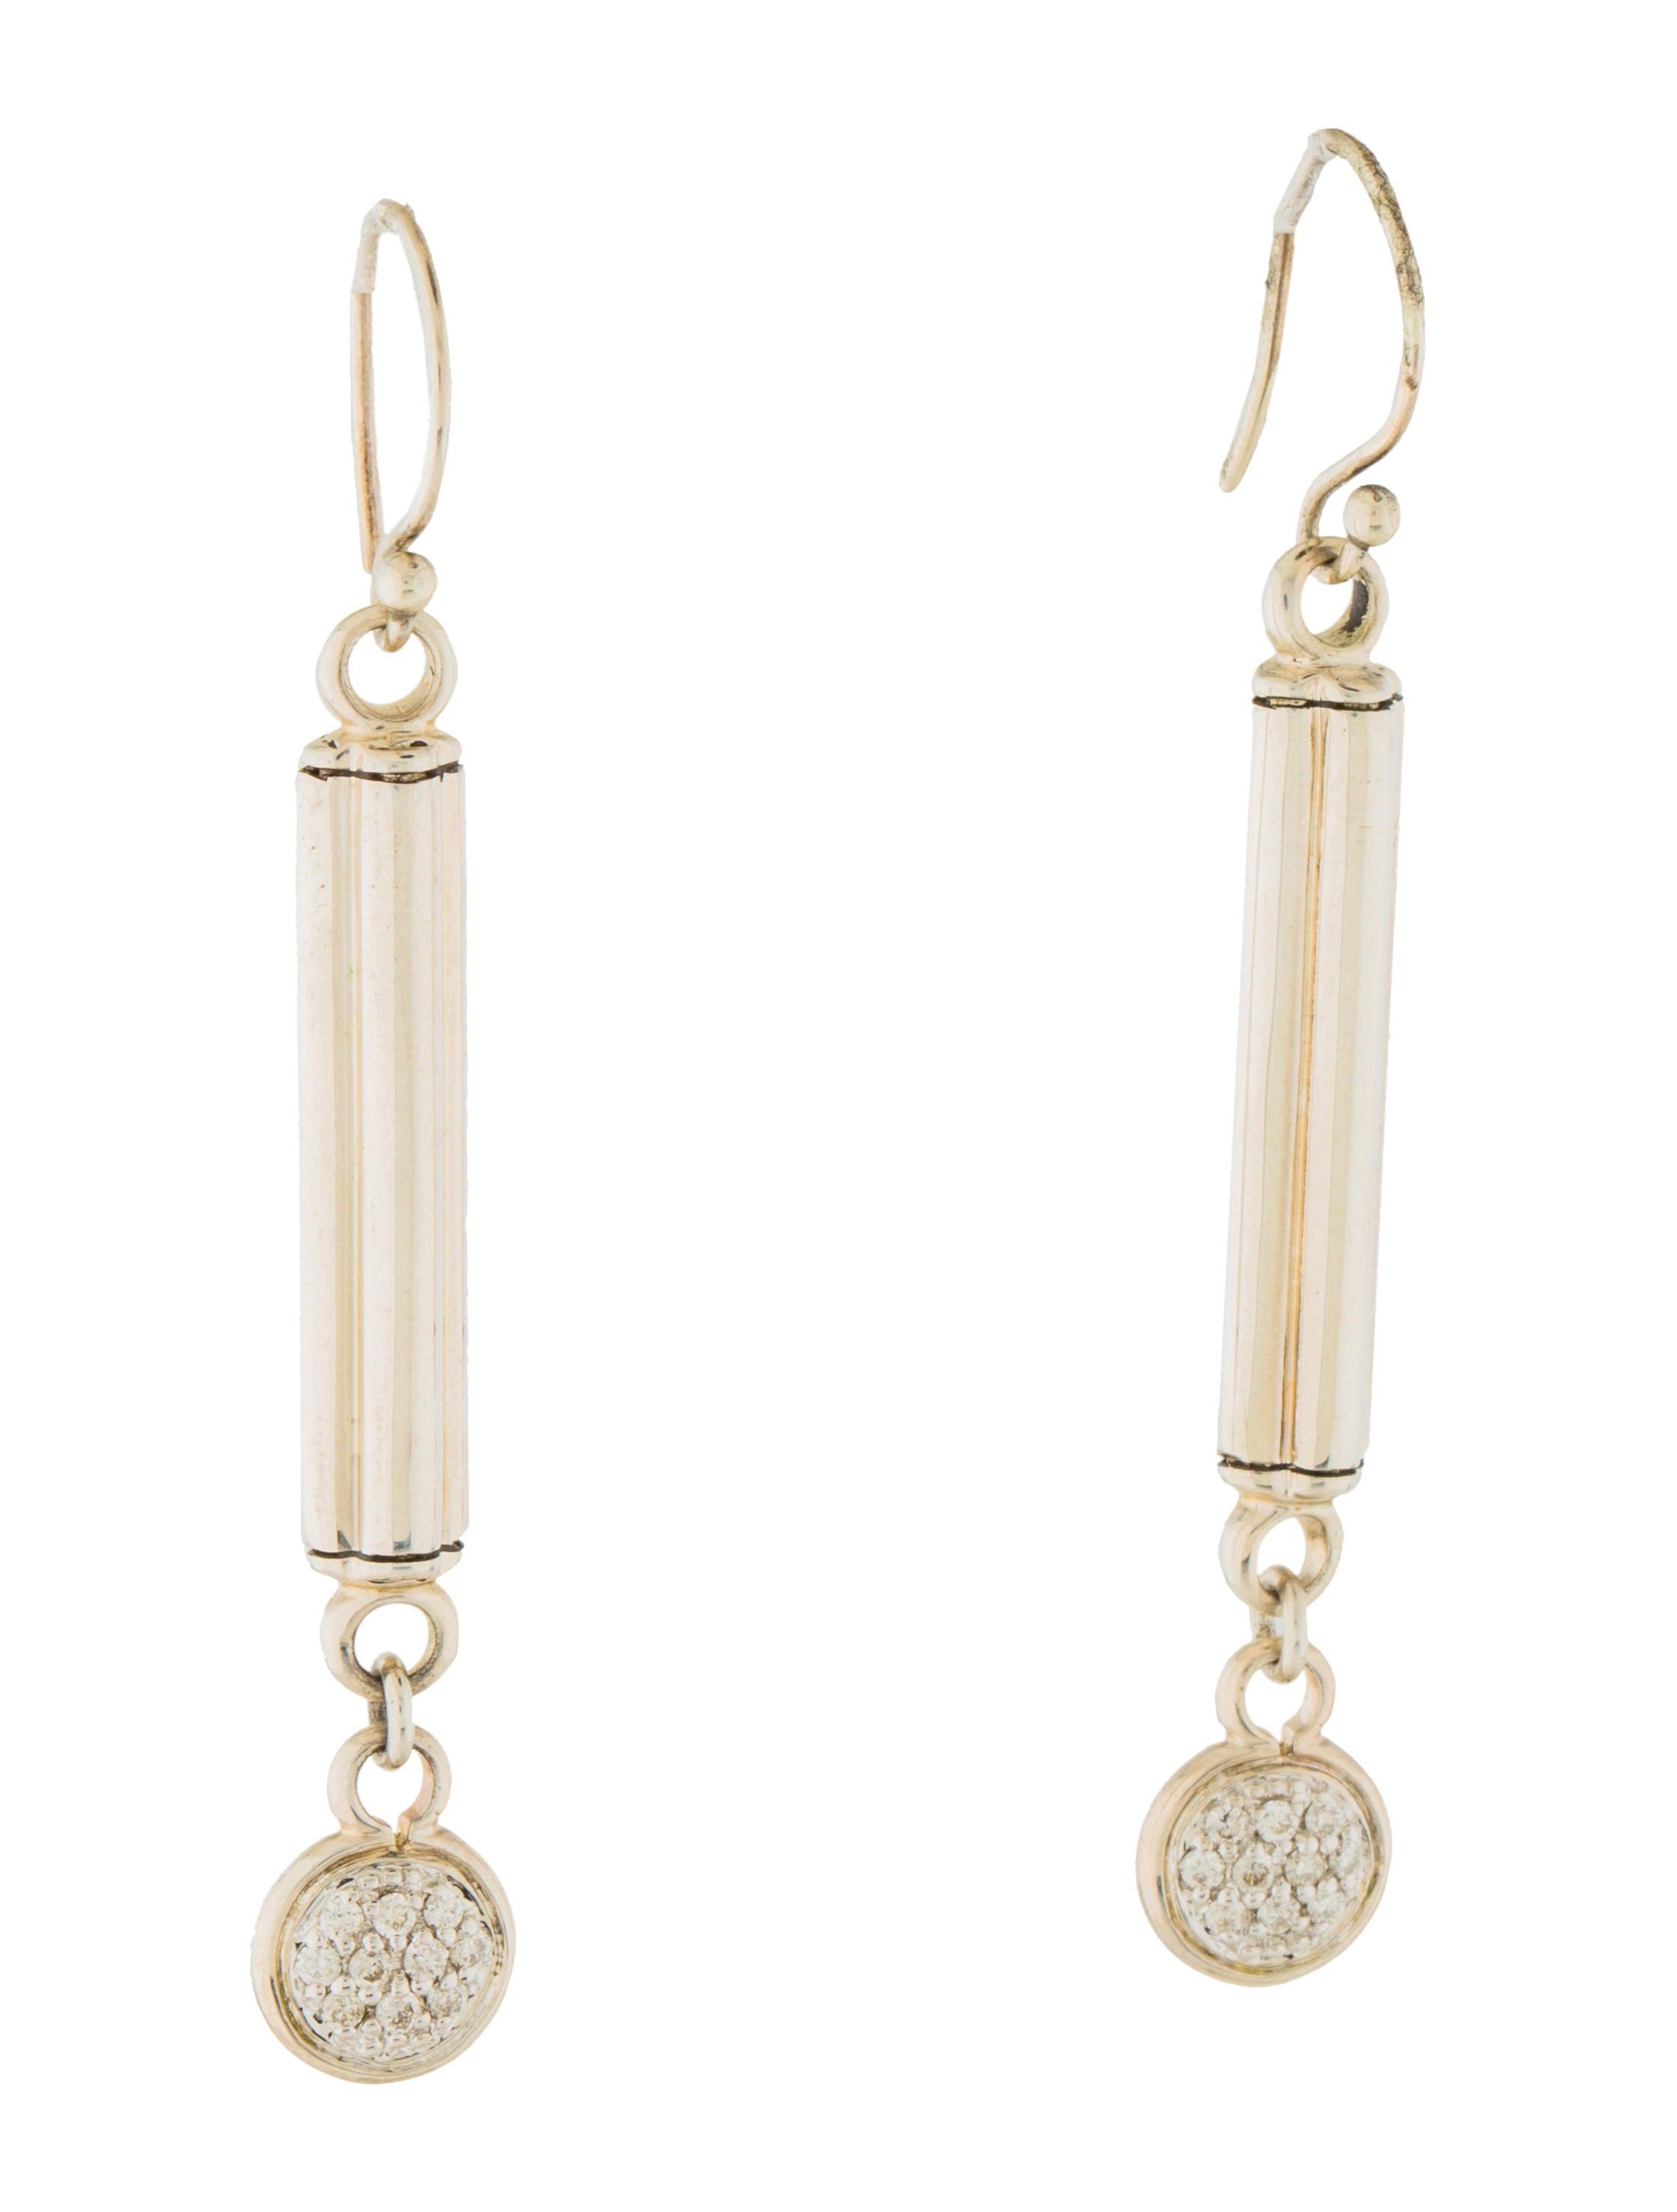 John hardy diamond drop earrings earrings jha27353 for John hardy jewelry earrings